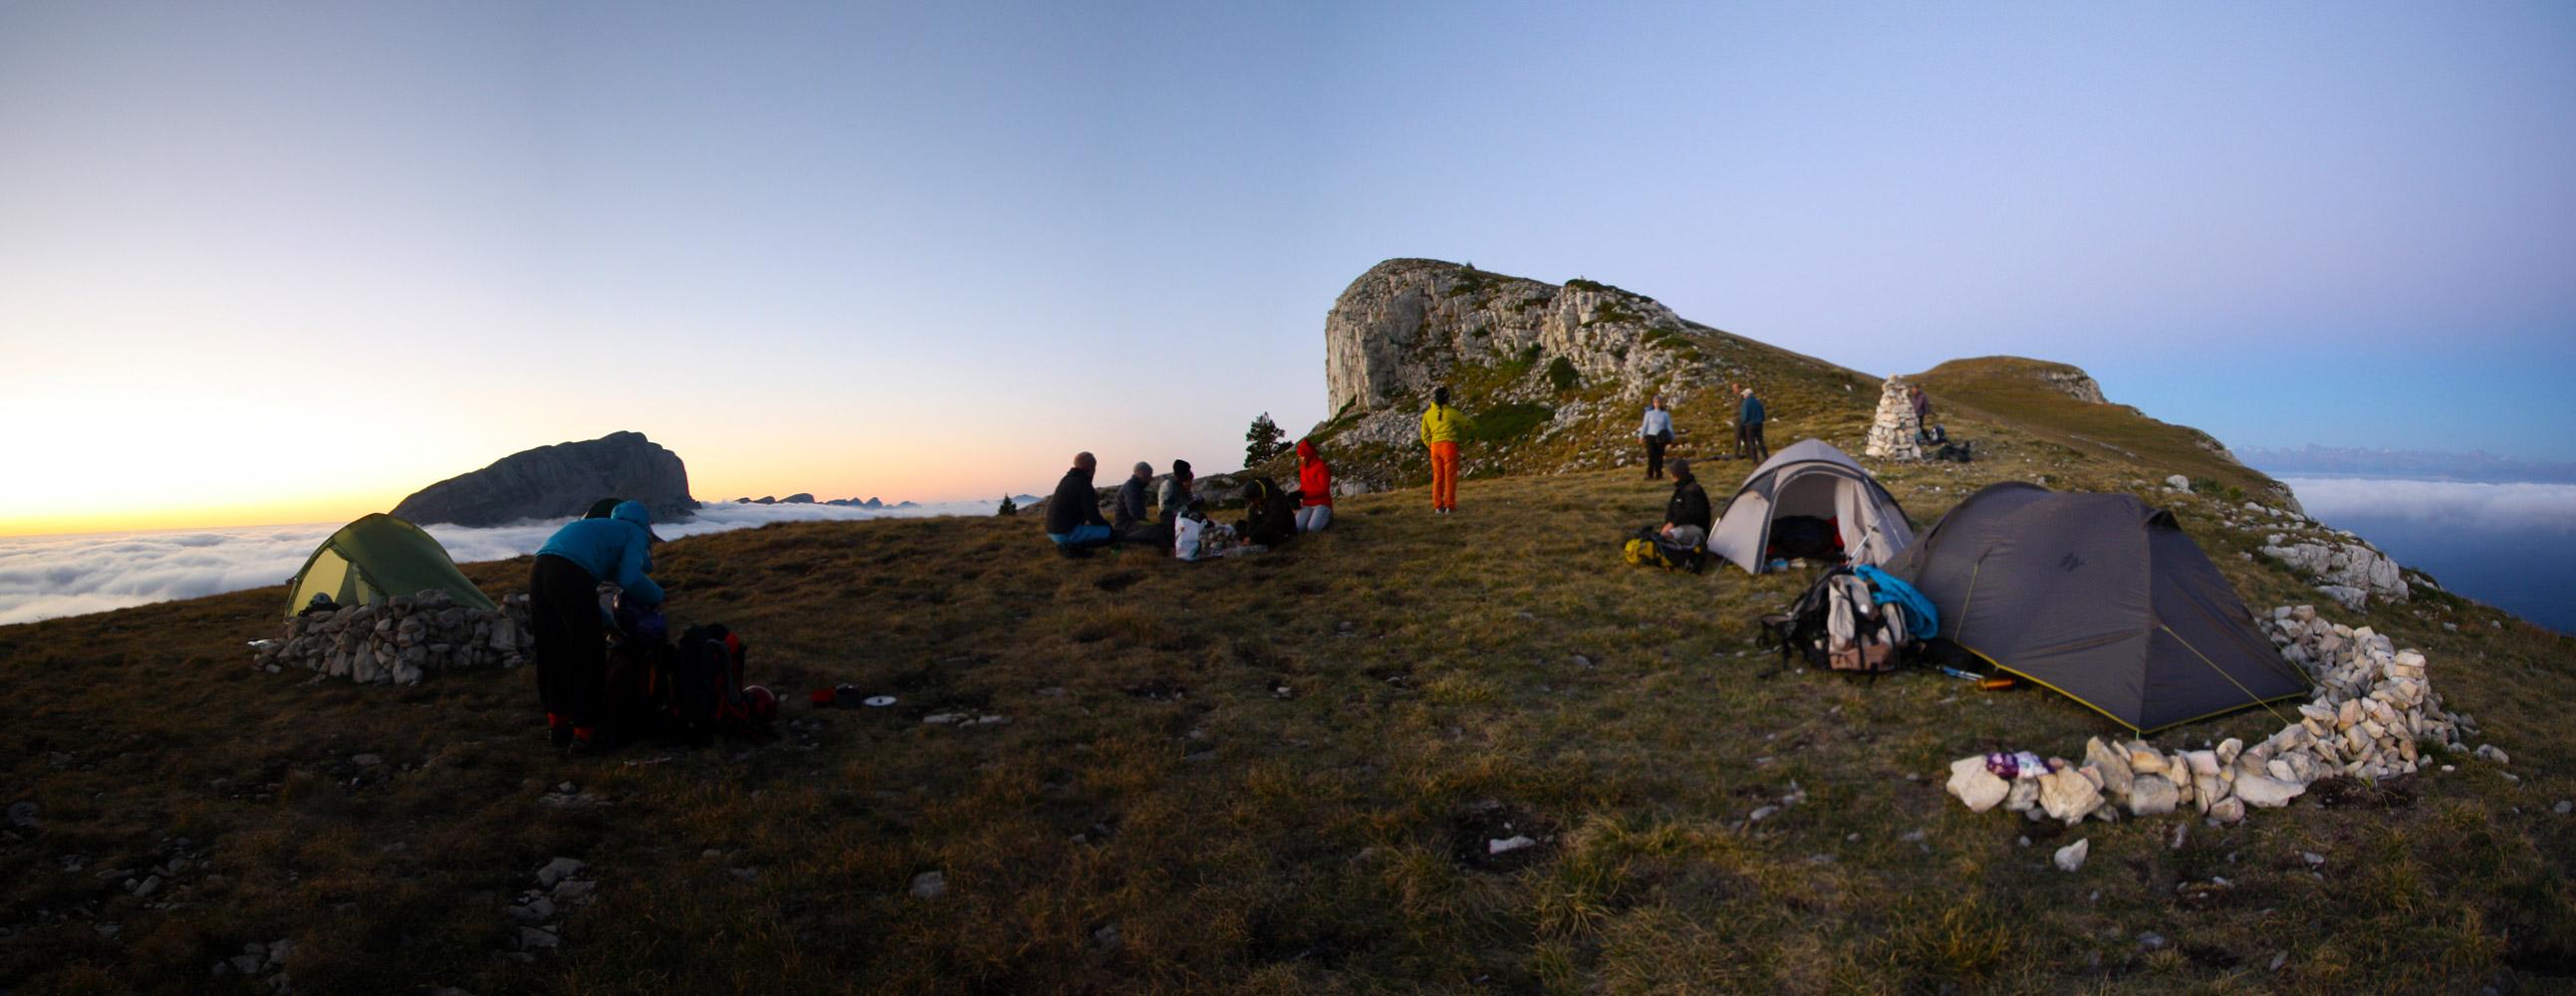 Bivouac au sommet du Mont Aiguille.